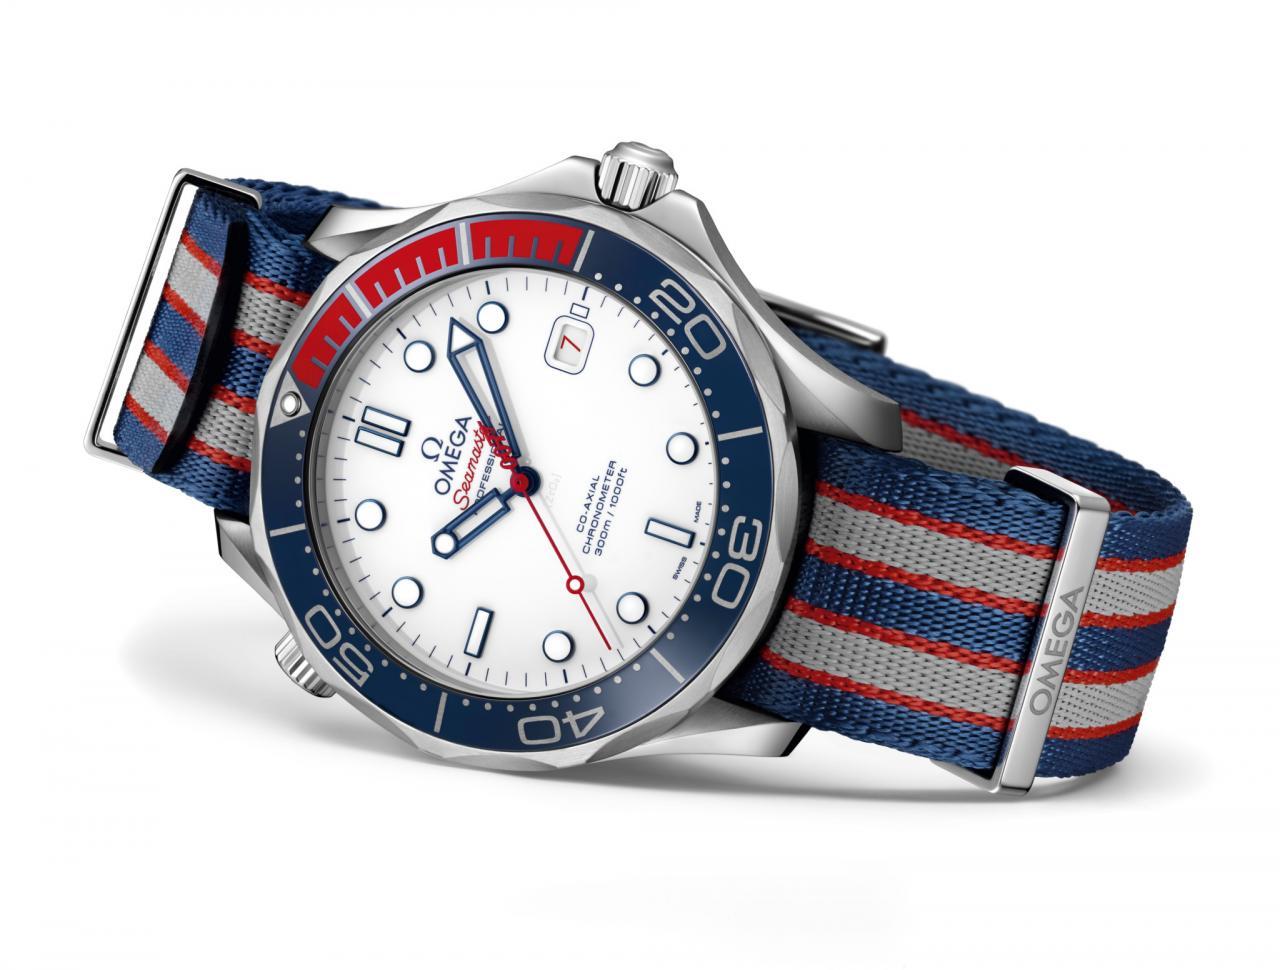 212.32.41.20.04.001_Nato bracelet